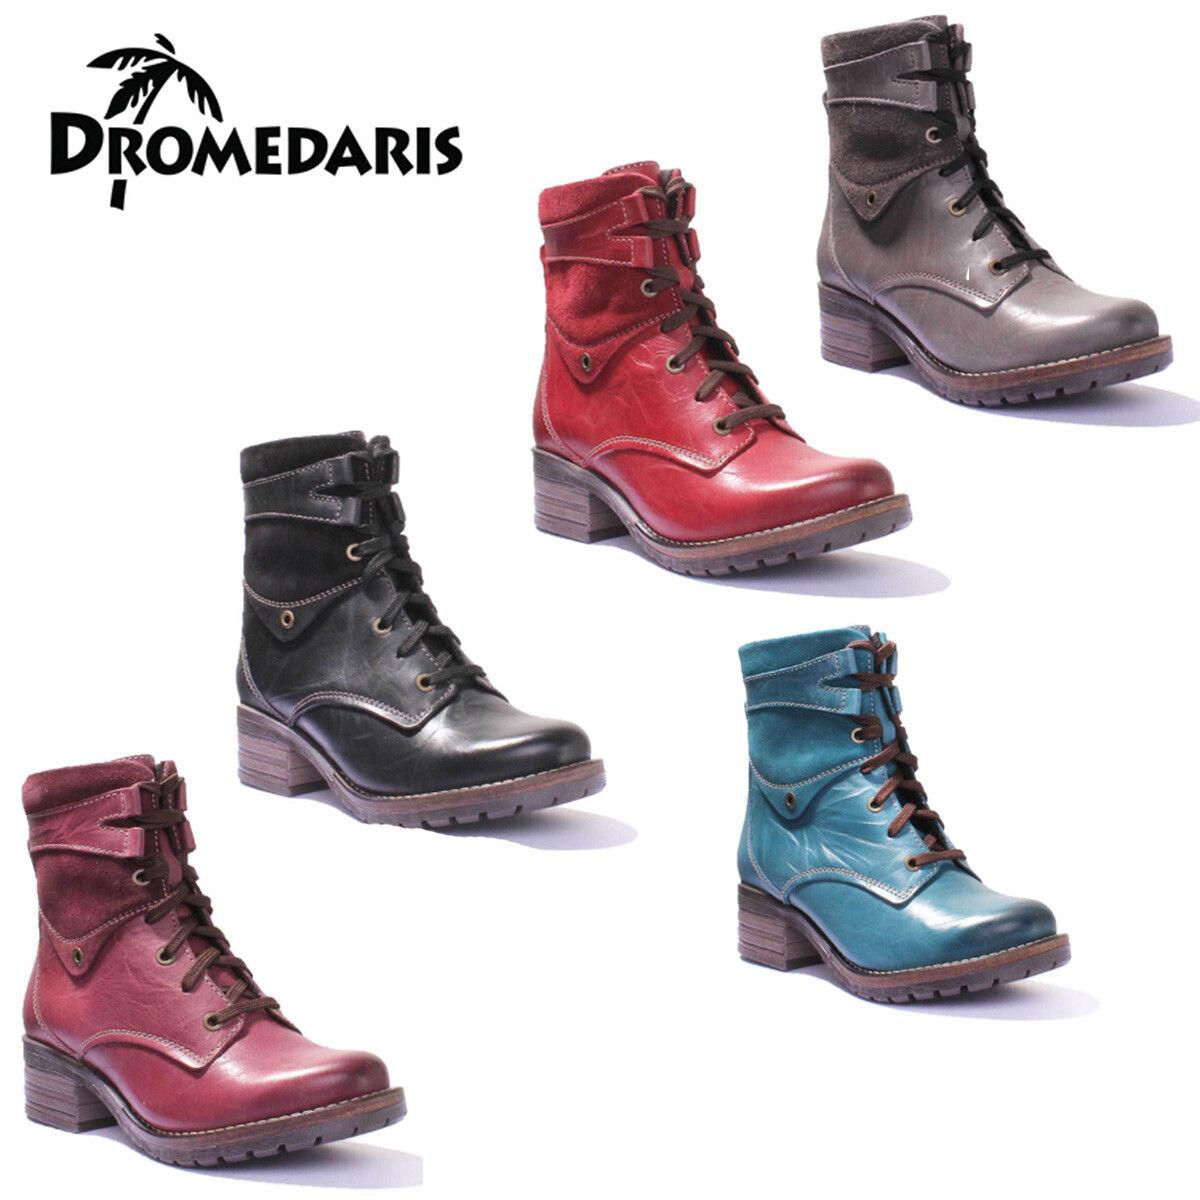 Dromedaris Kara Donna Teal cerosa piegate Stivali in in in Pelle 1af3e6